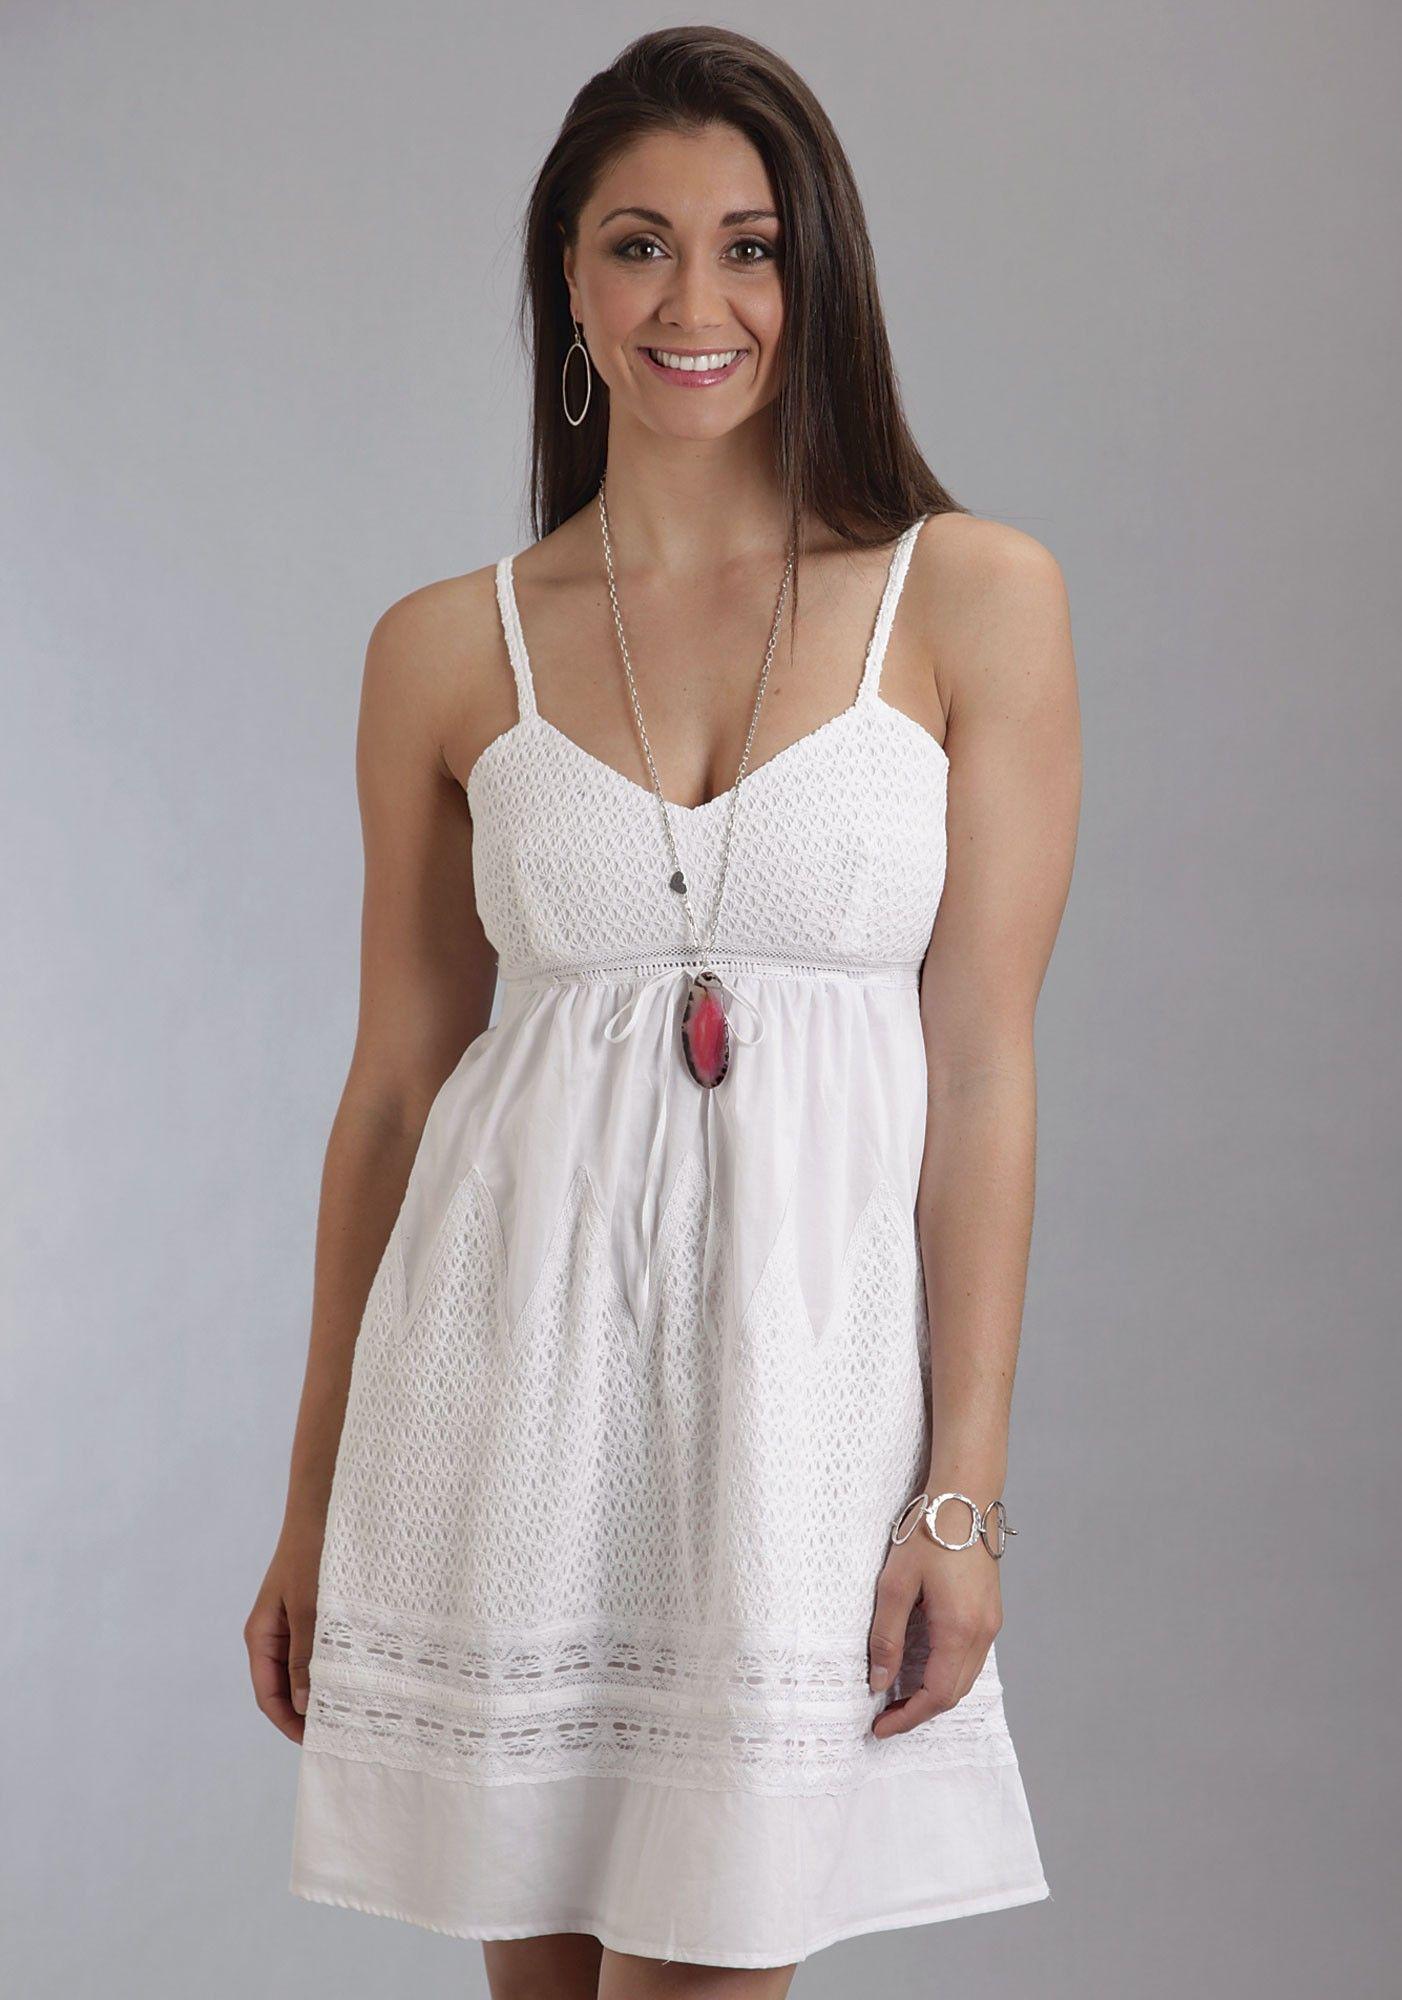 Women dresses in white